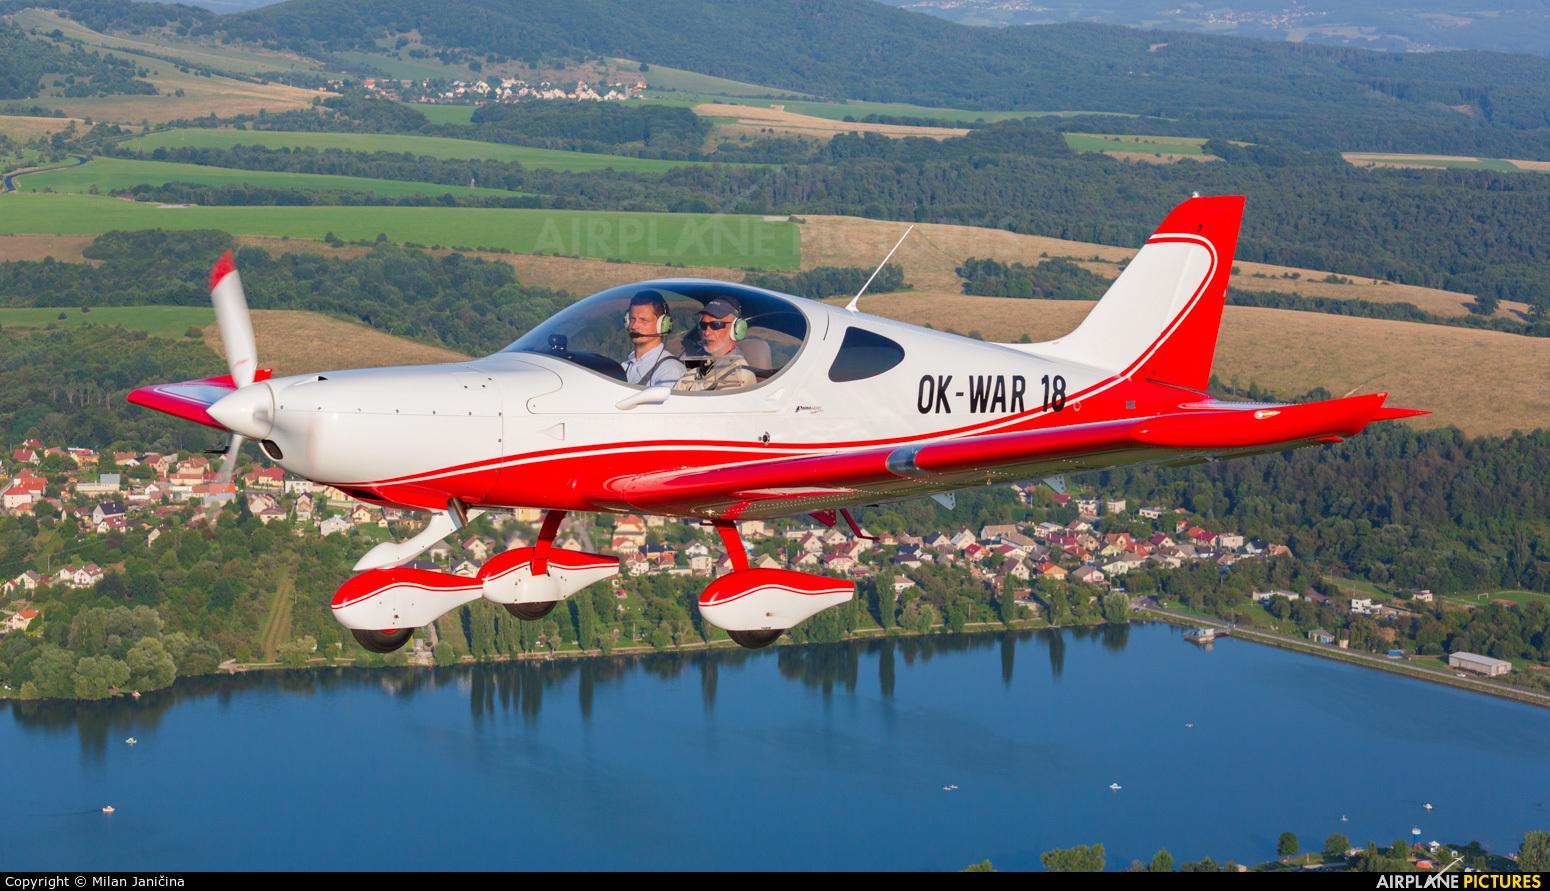 Aeroklub Praha Letnany OK-WAR18 aircraft at In Flight - Slovakia